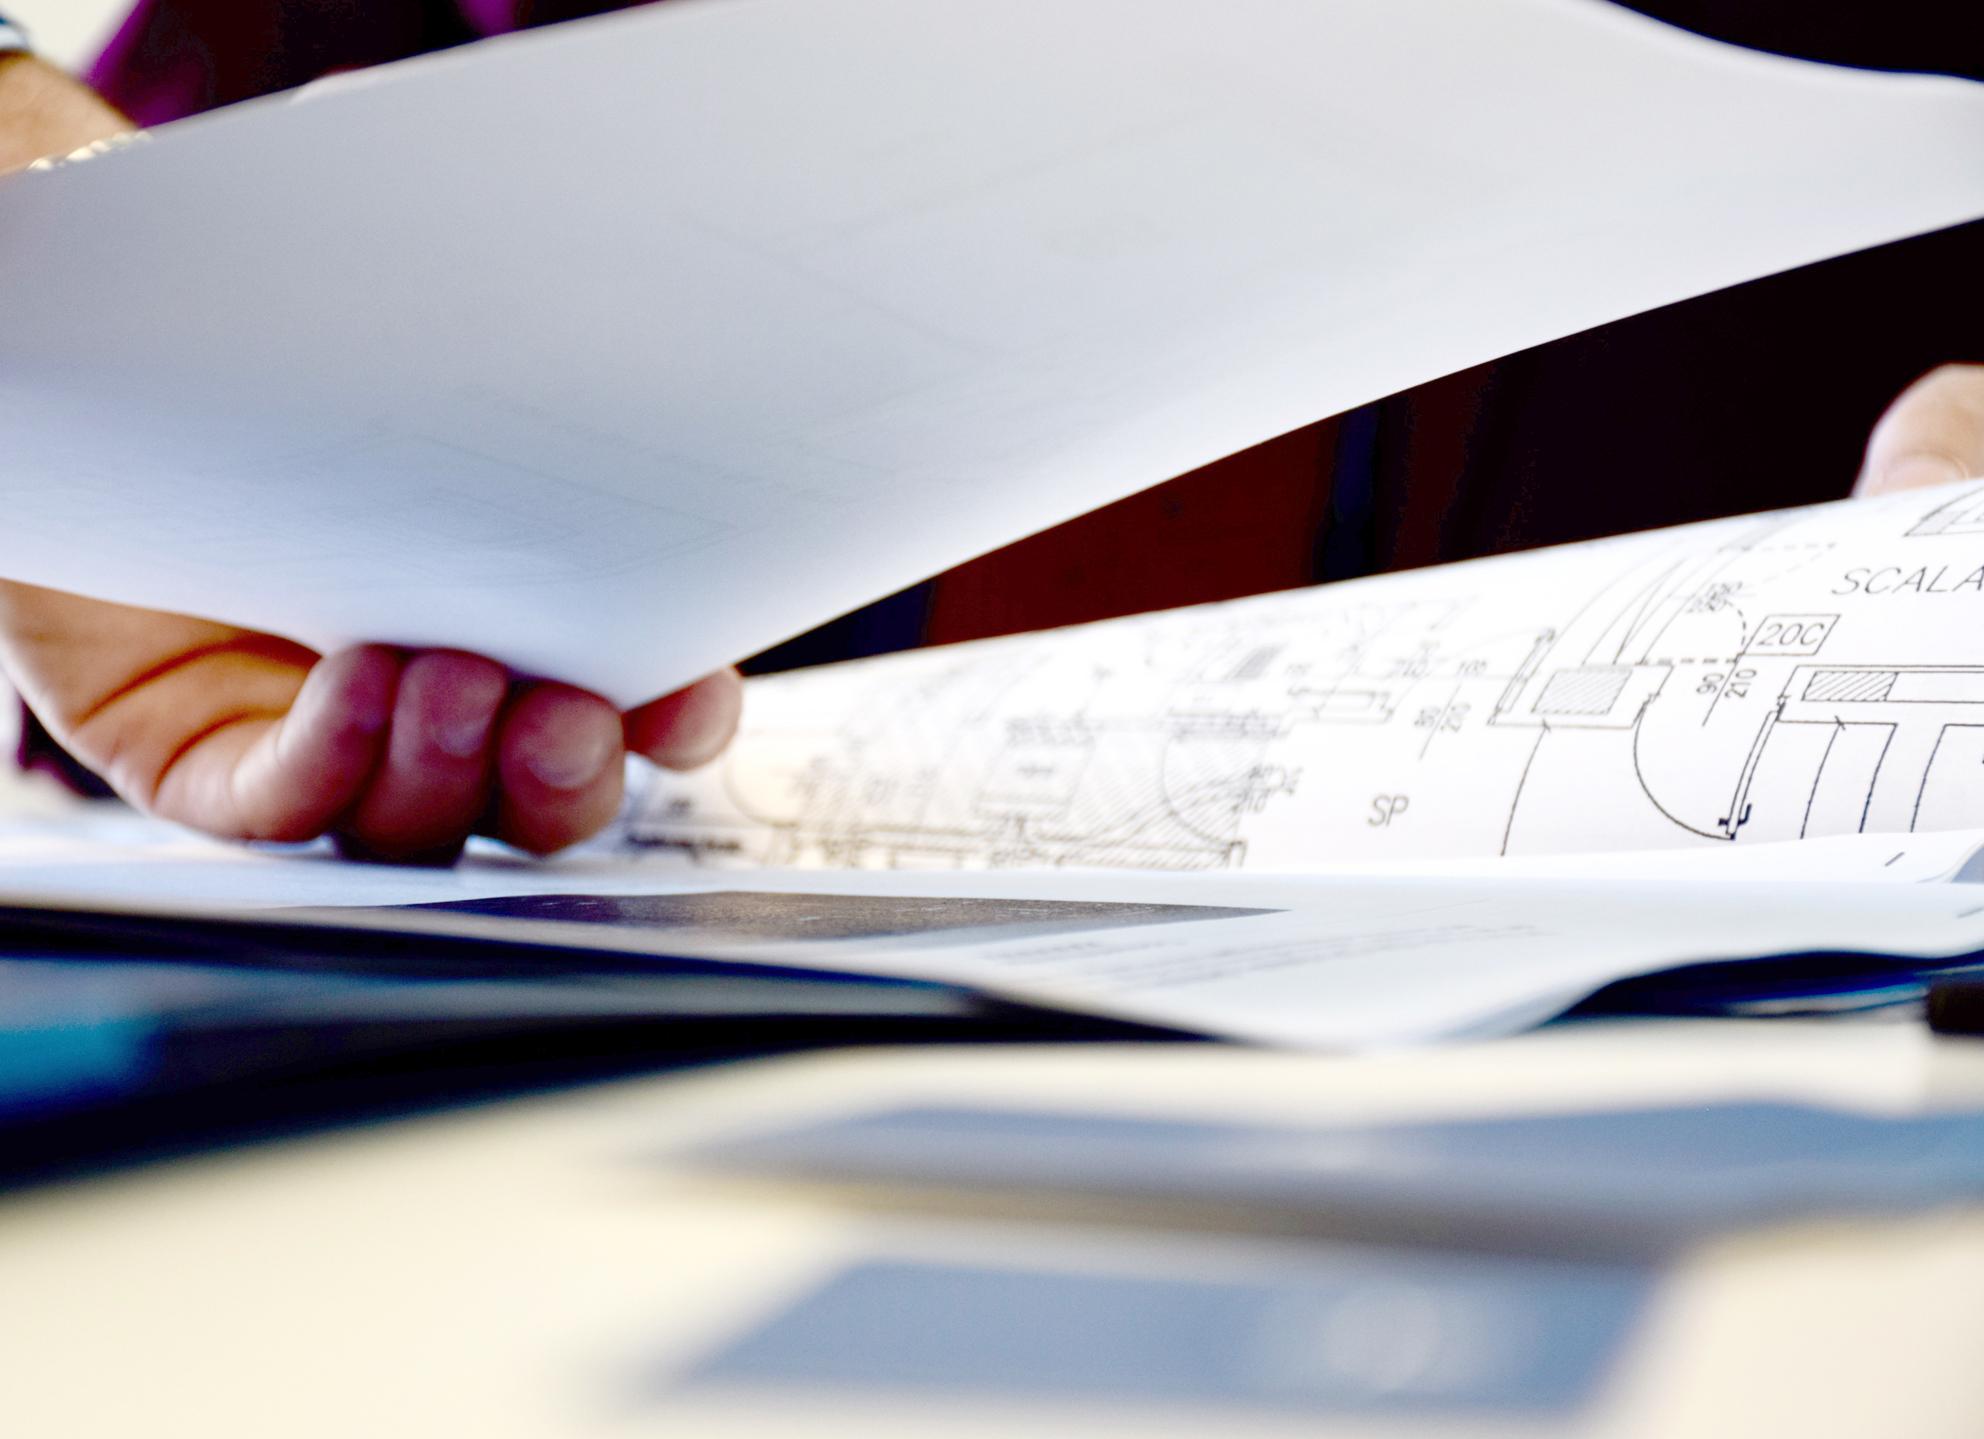 I parametri per la stima di un immobile consulenti di casa - Valutazione immobile casa it ...